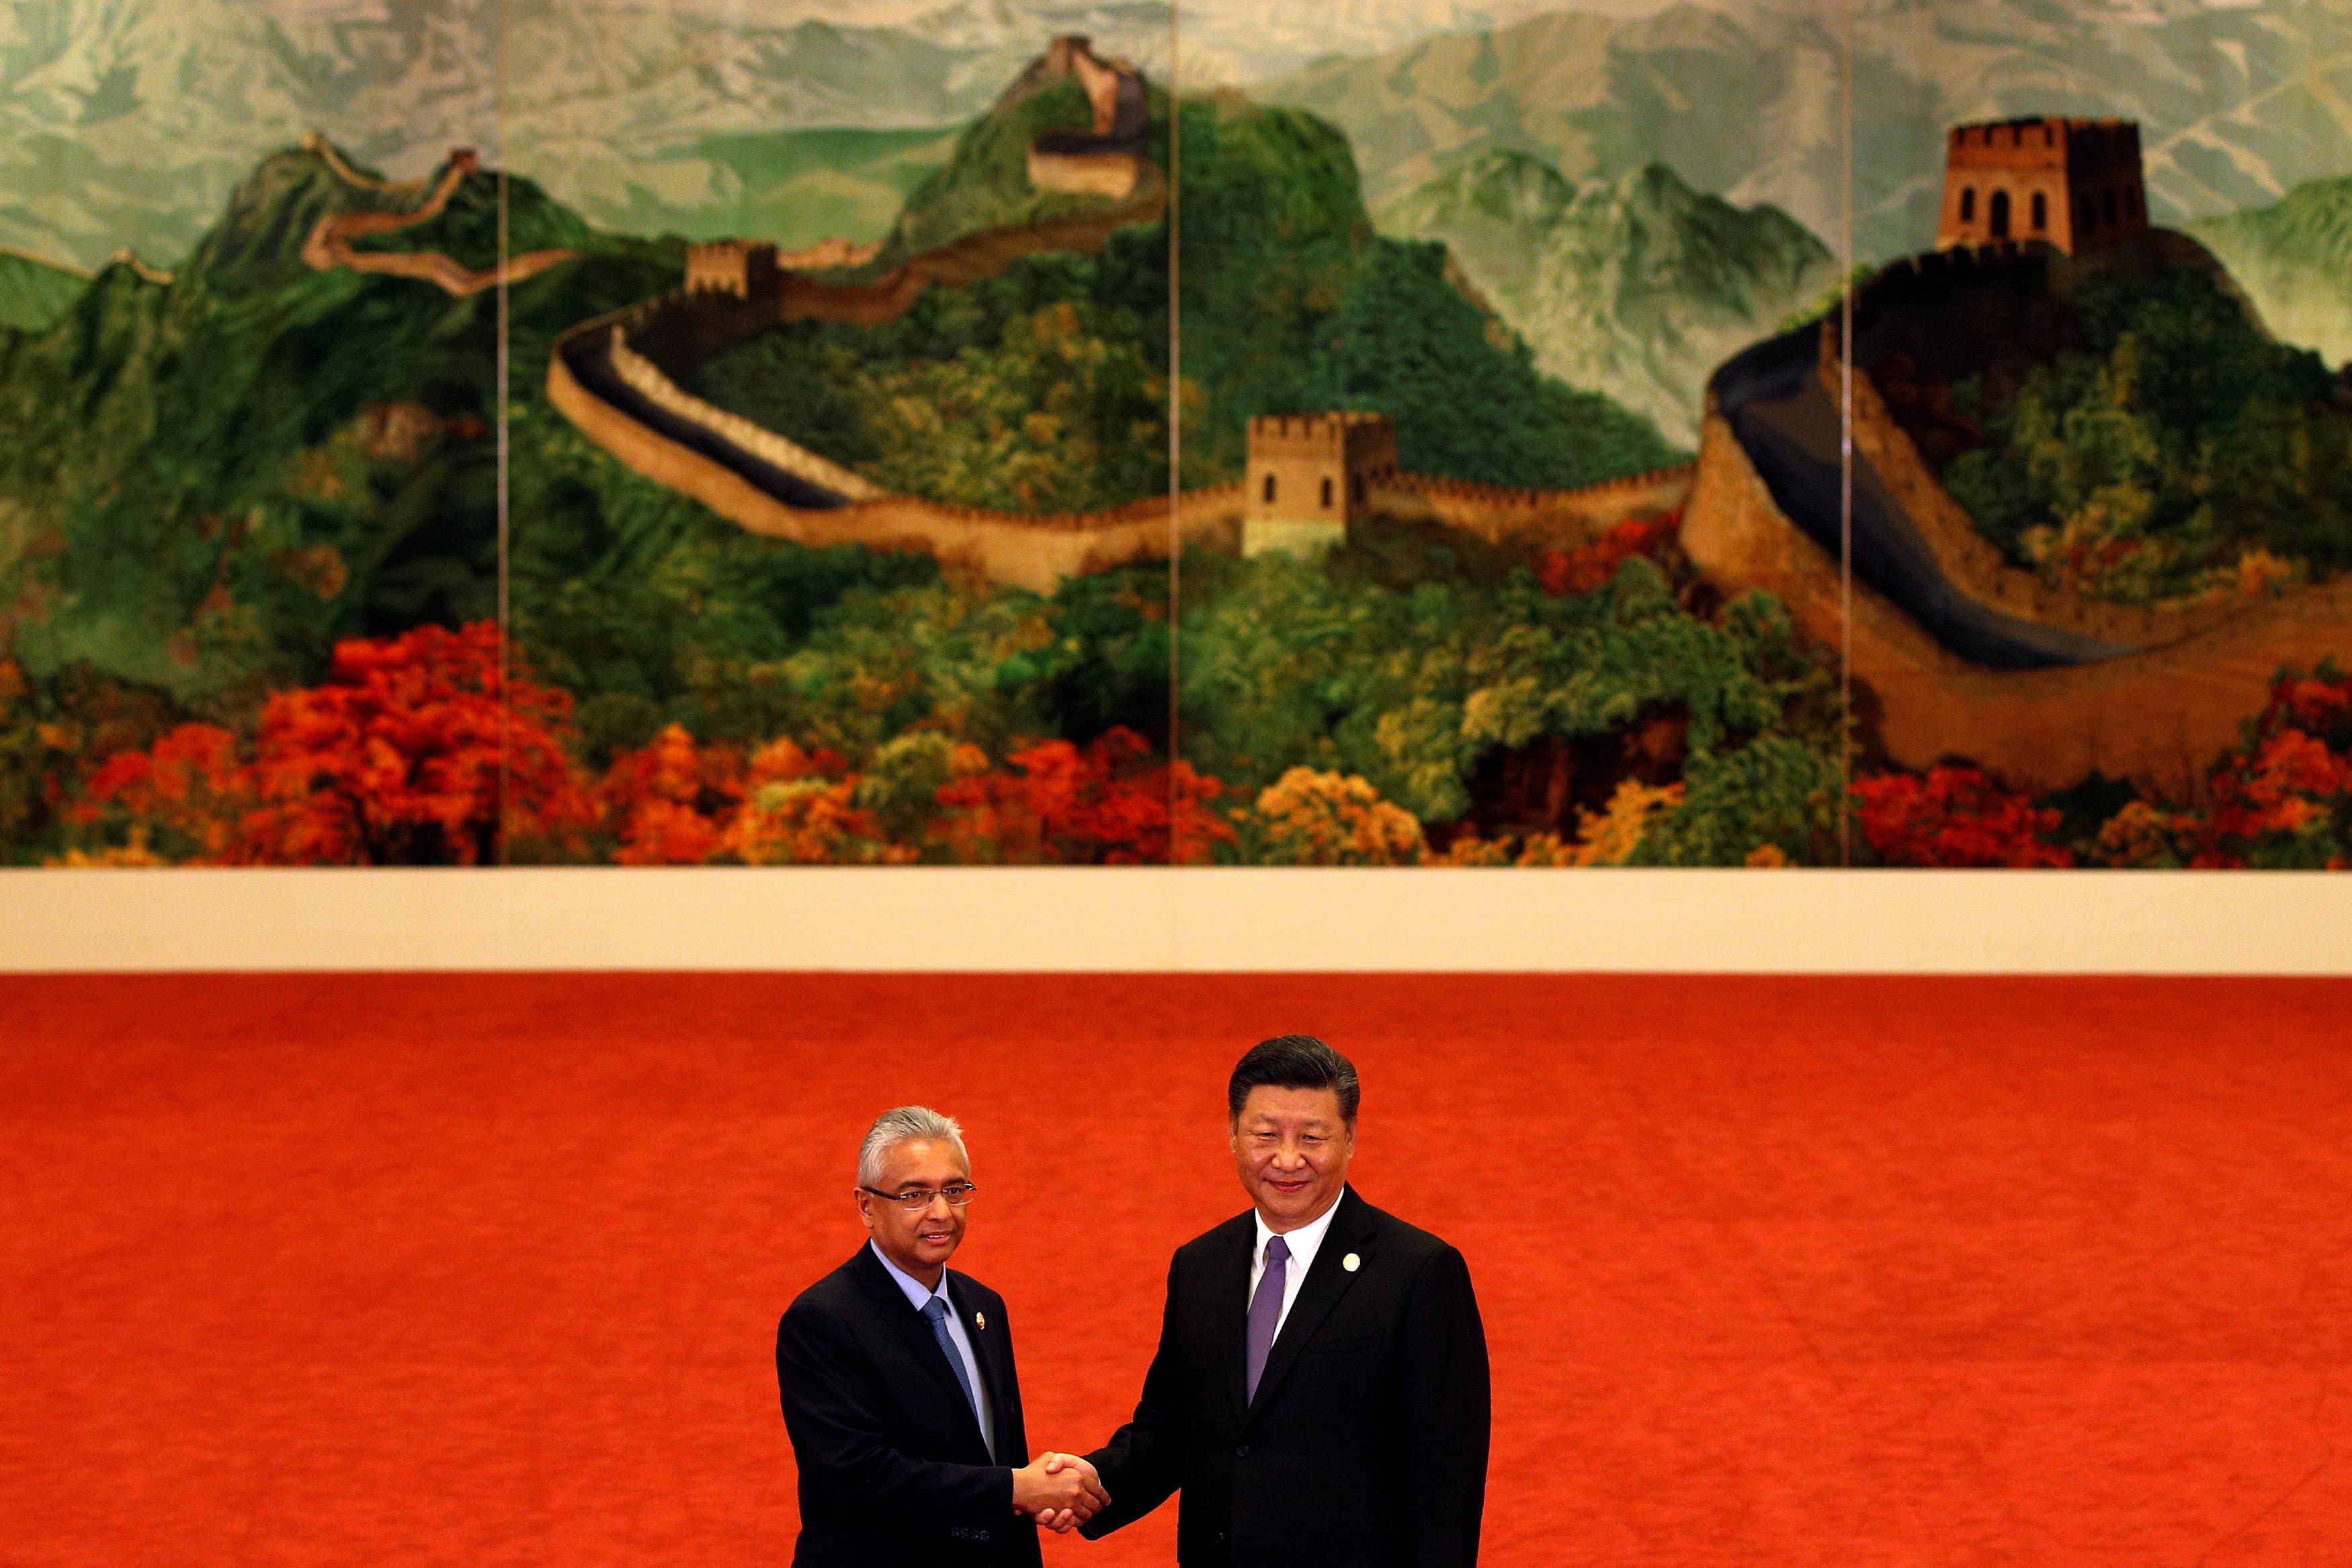 رئيس وزراء موريشيوس برافيند كومار مع رئيس الصين